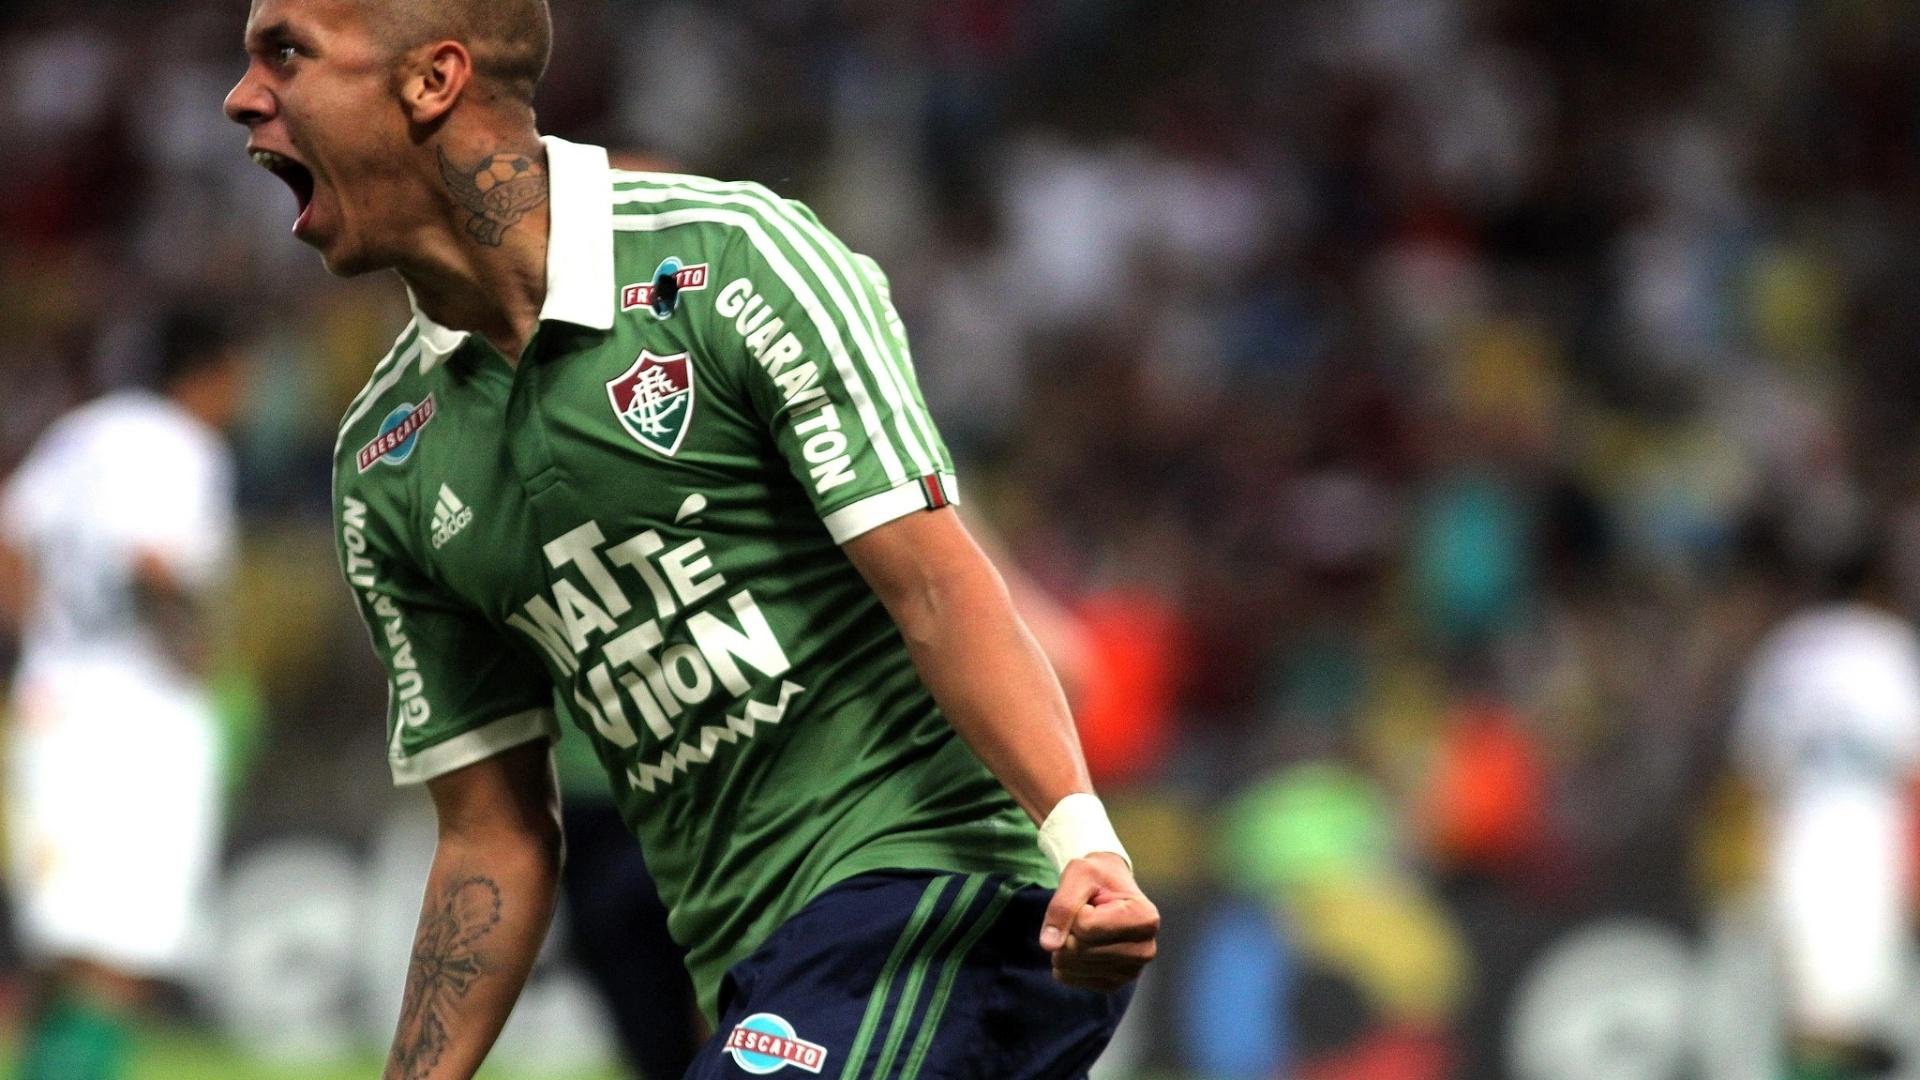 Marcos Jr. comemora após marcar o segundo gol do Fluminense contra o Coritiba, em partida nesta quinta-feira (4), pelo Campeonato Brasileiro